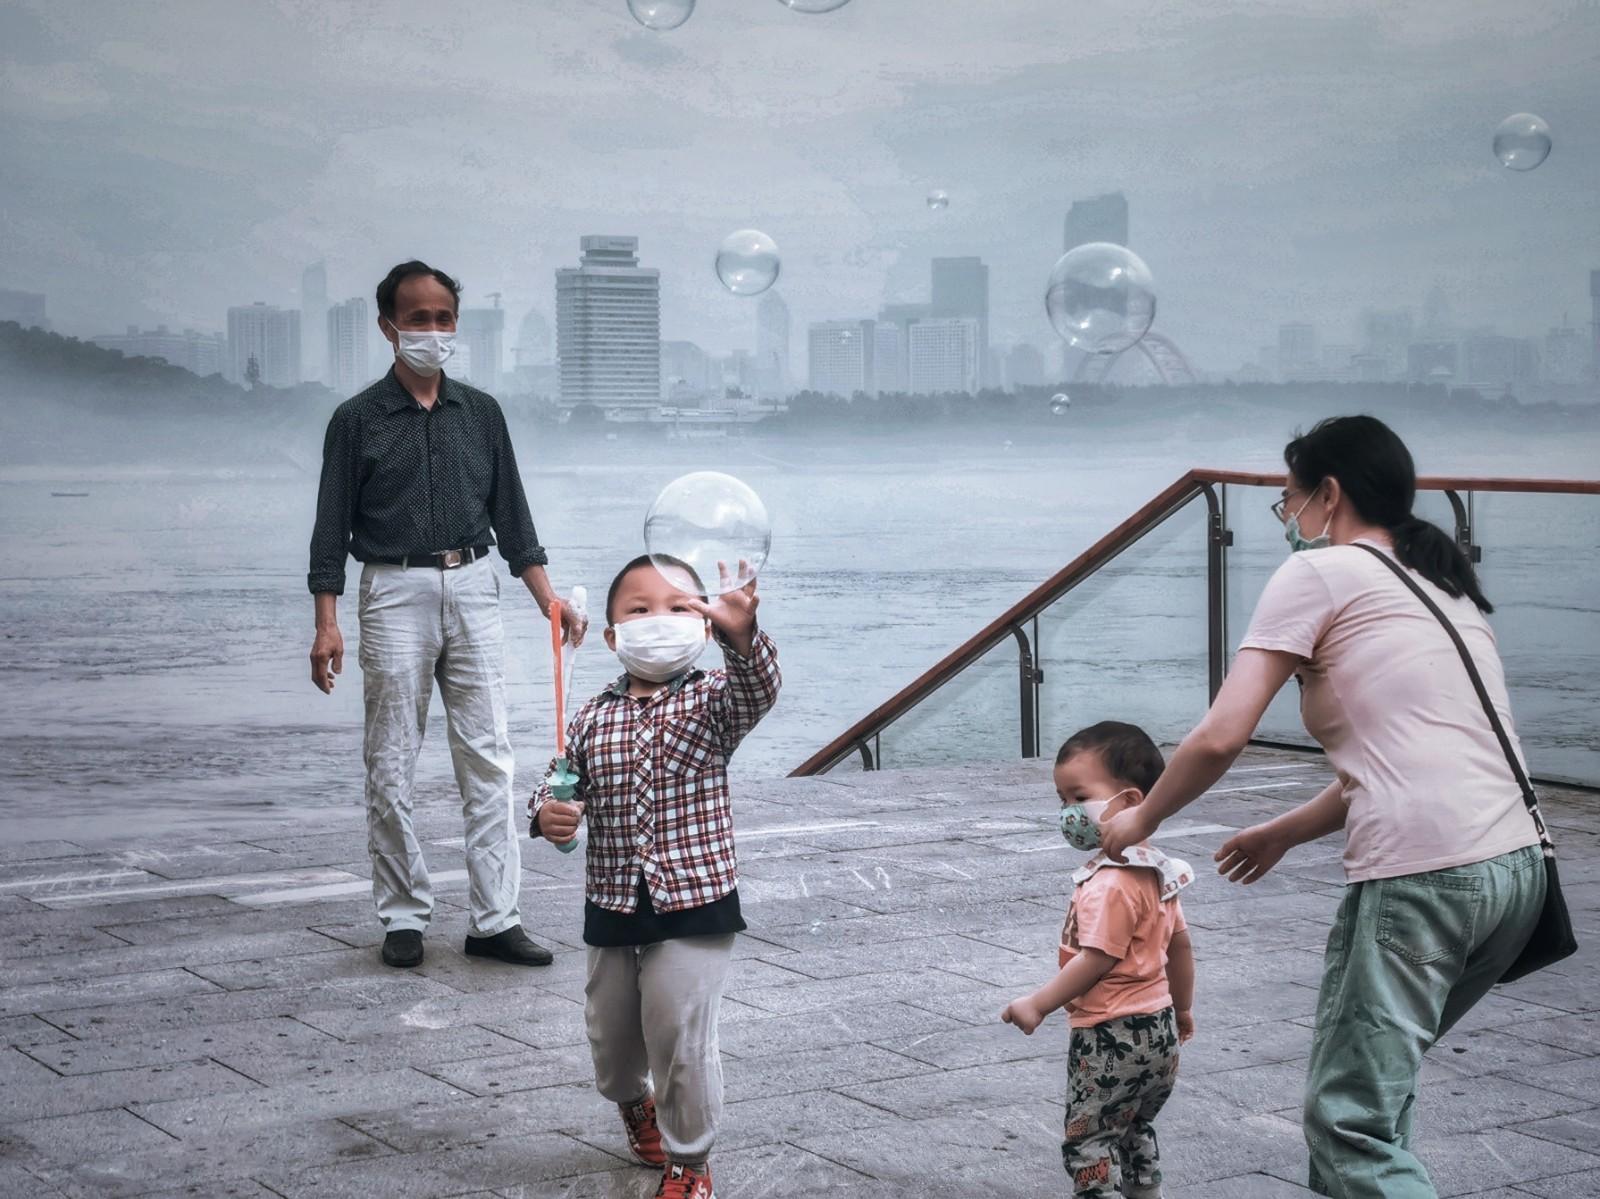 武汉-天洲 《泡泡的魅力》 HUAWEI.jpg